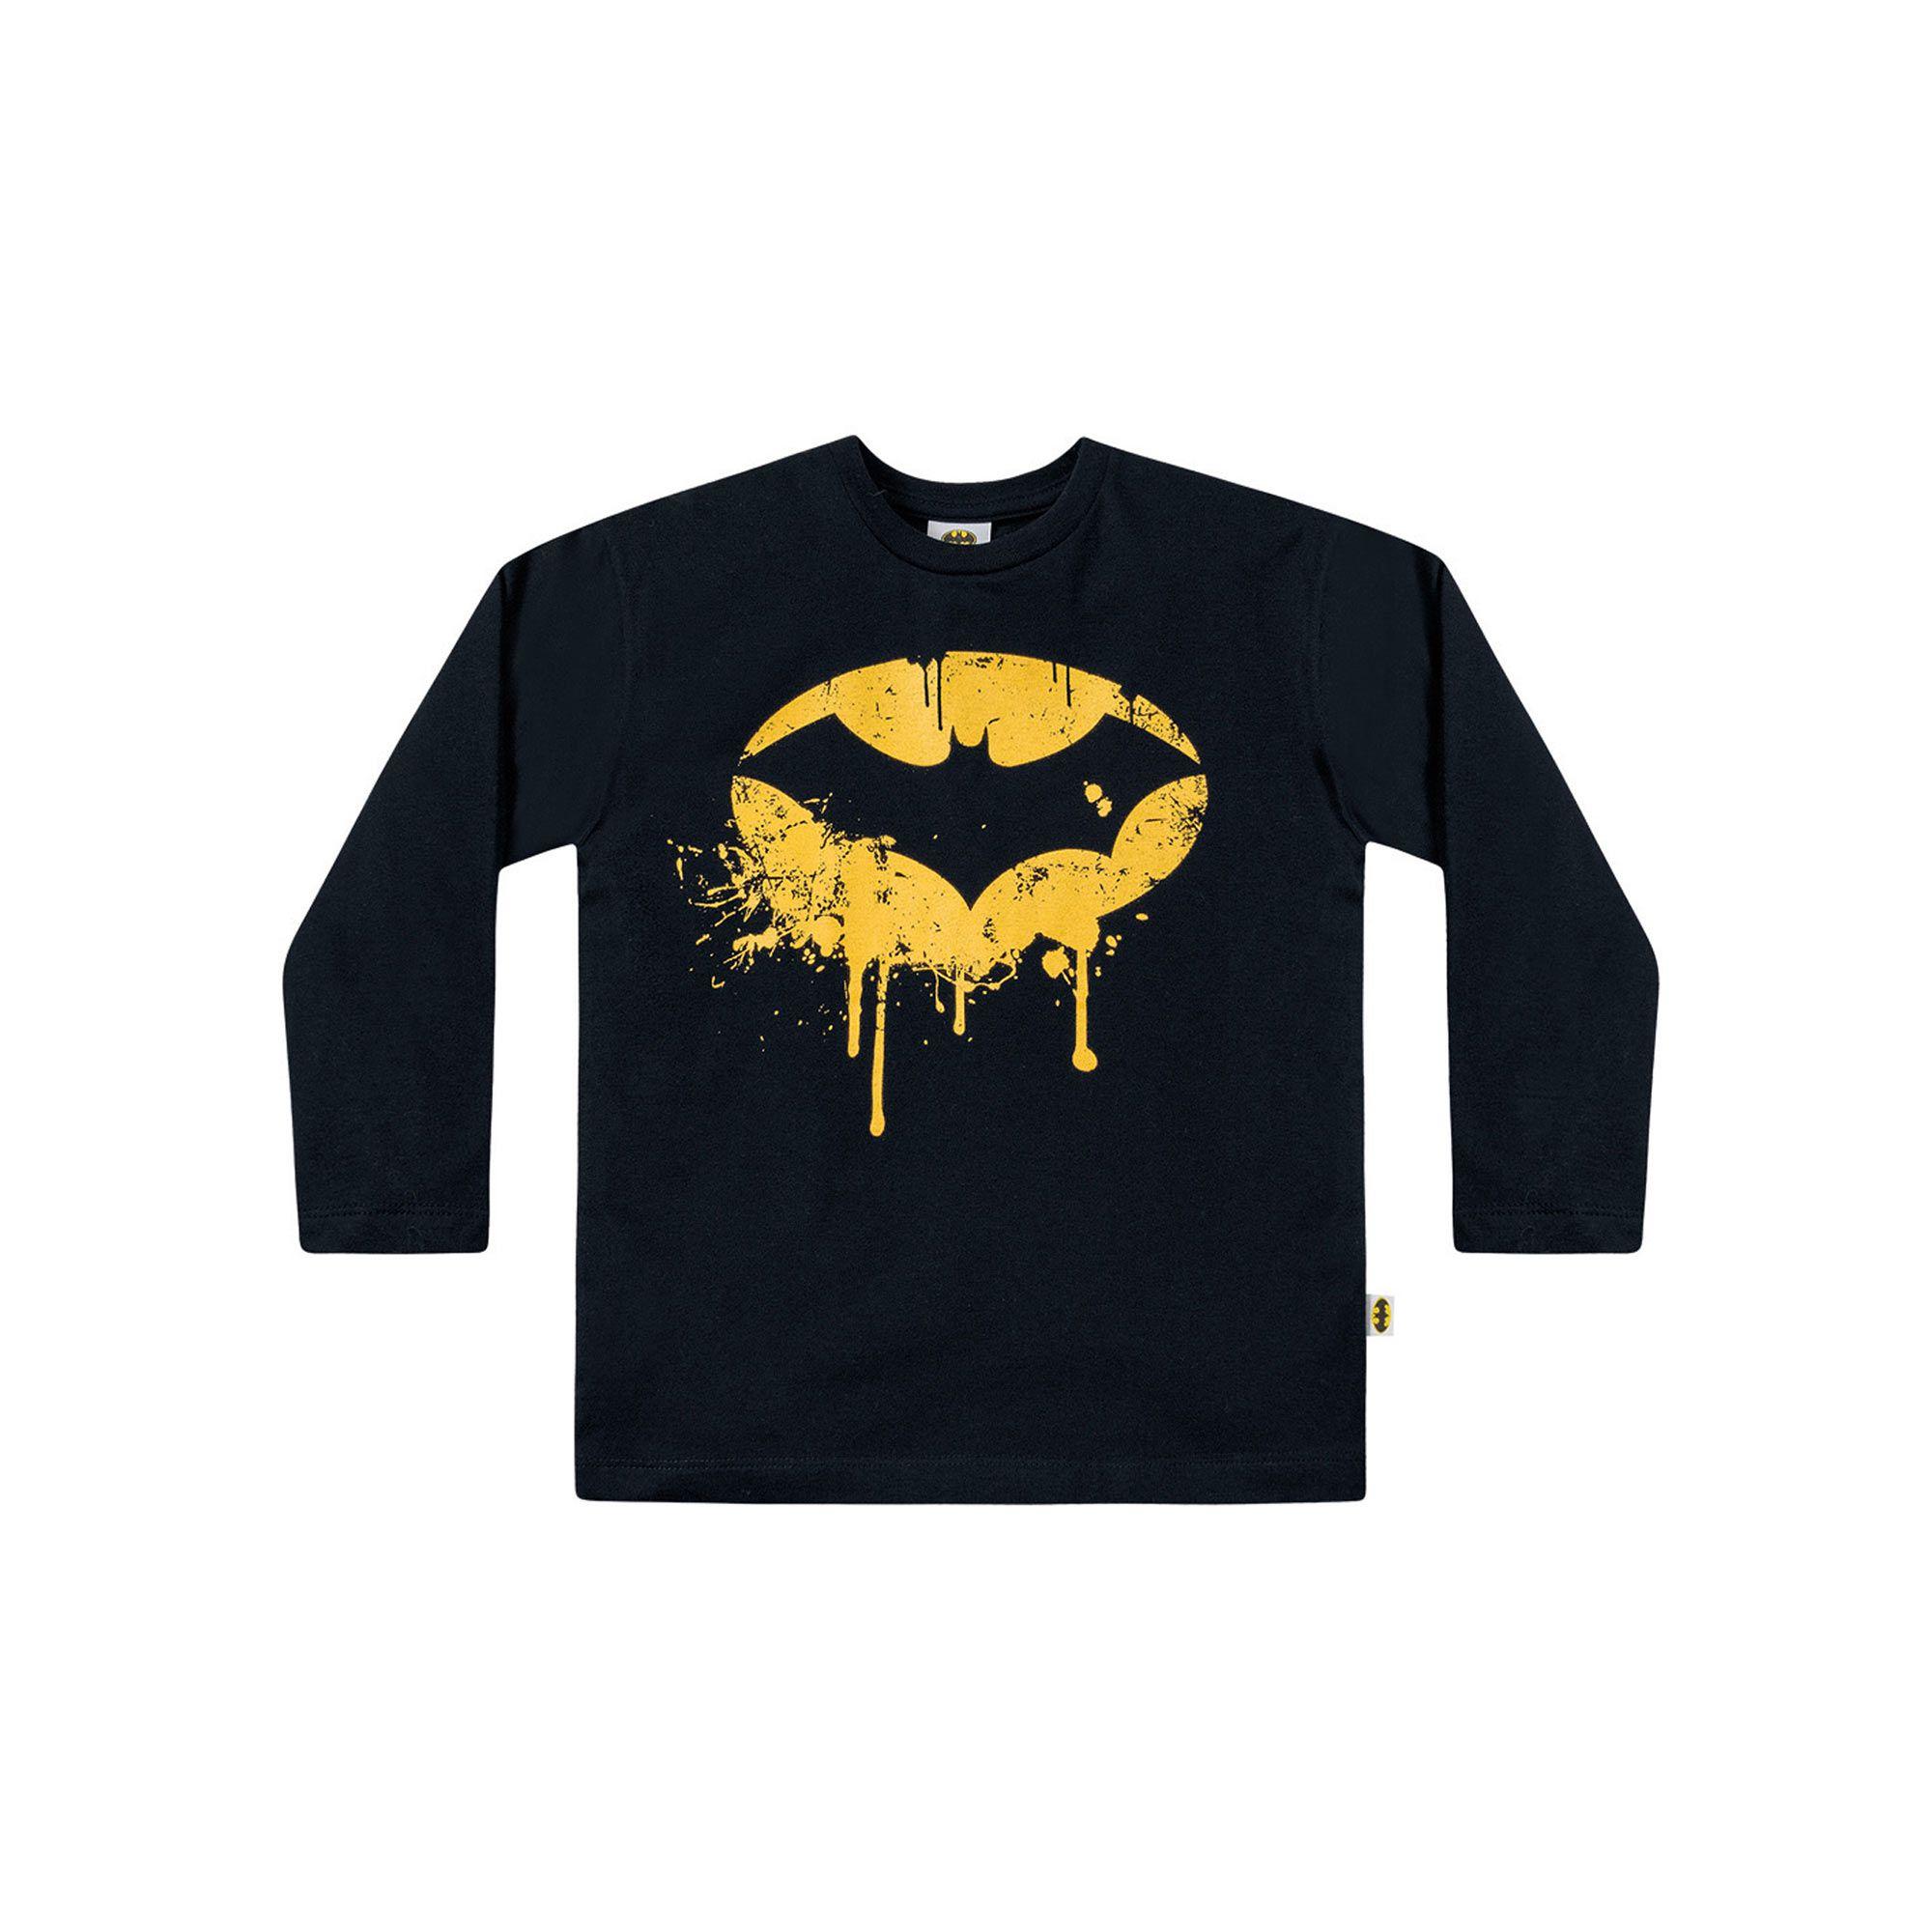 Camiseta Manga Longa Infantil Fakini - Batman Preto